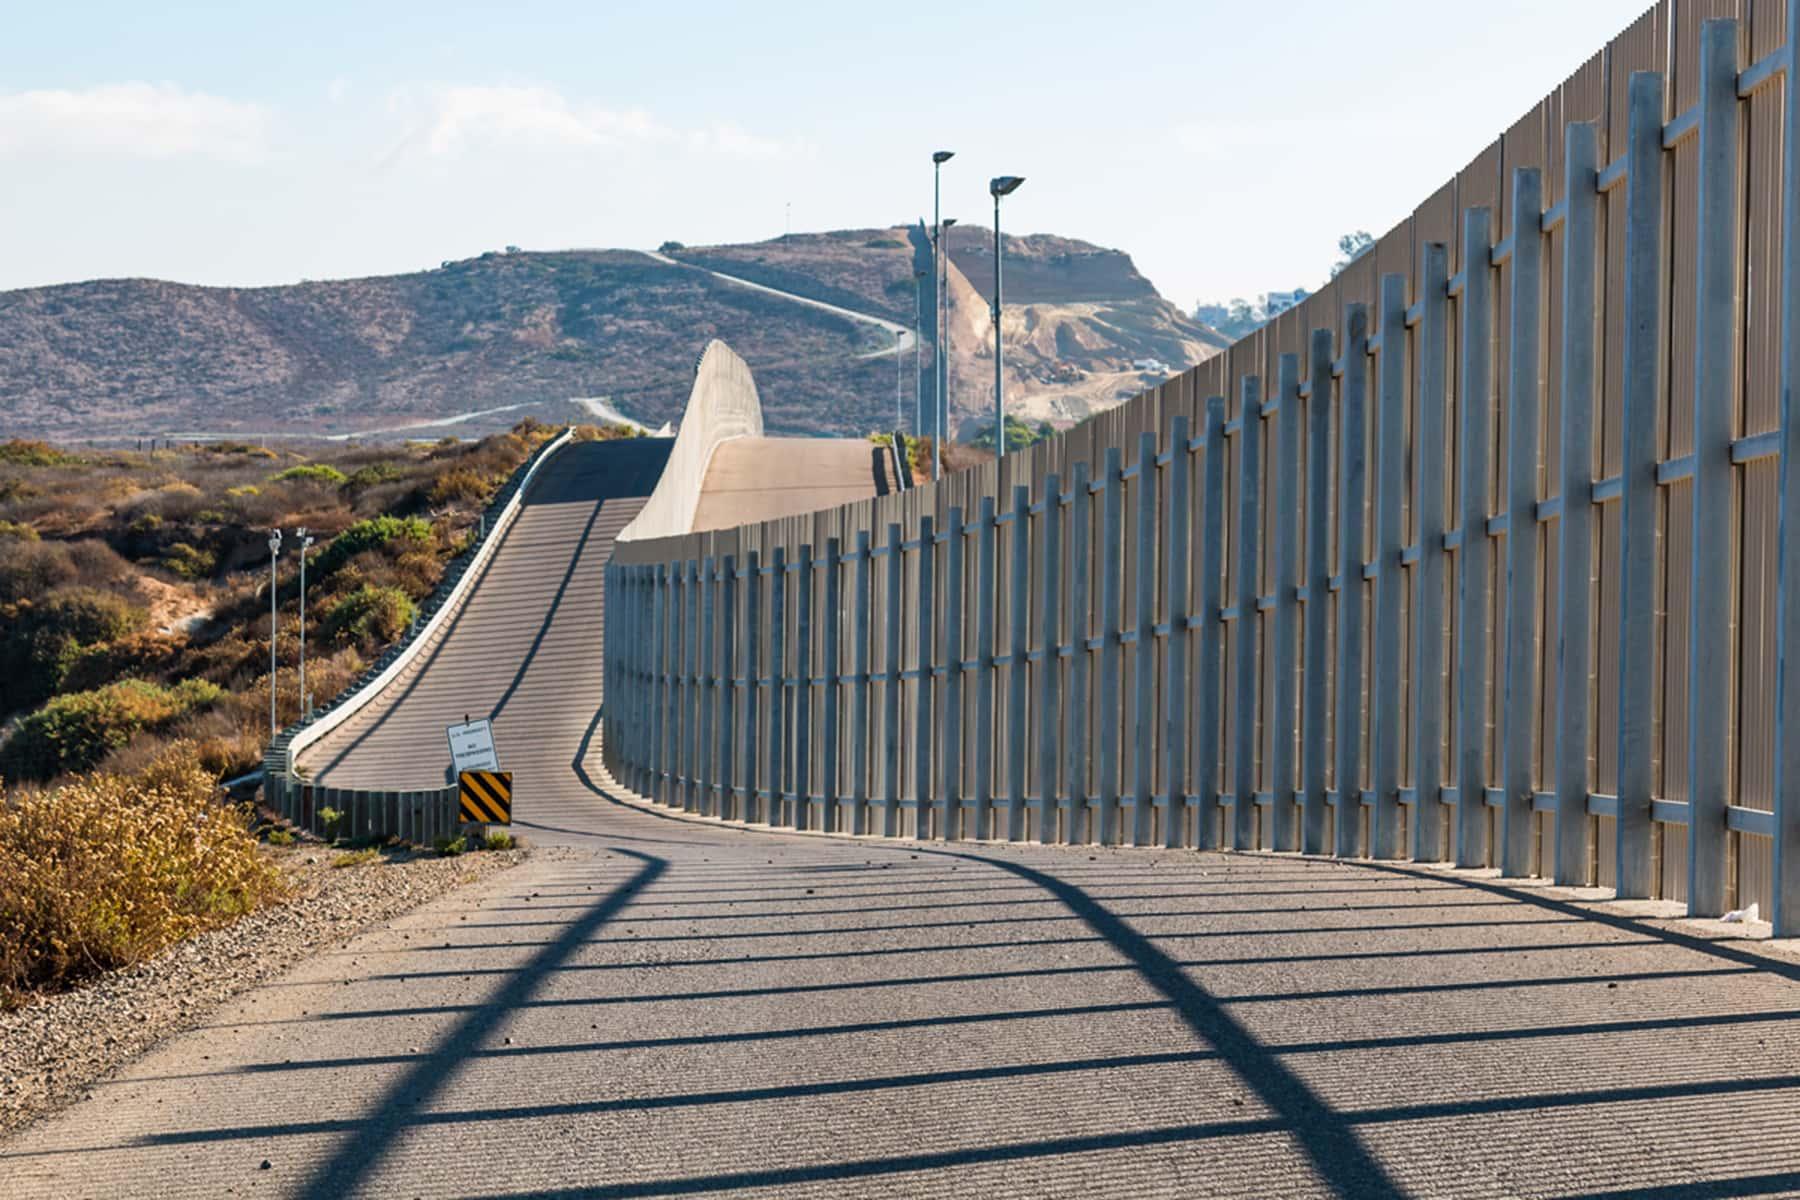 090619_borderwallbudgetwi_03